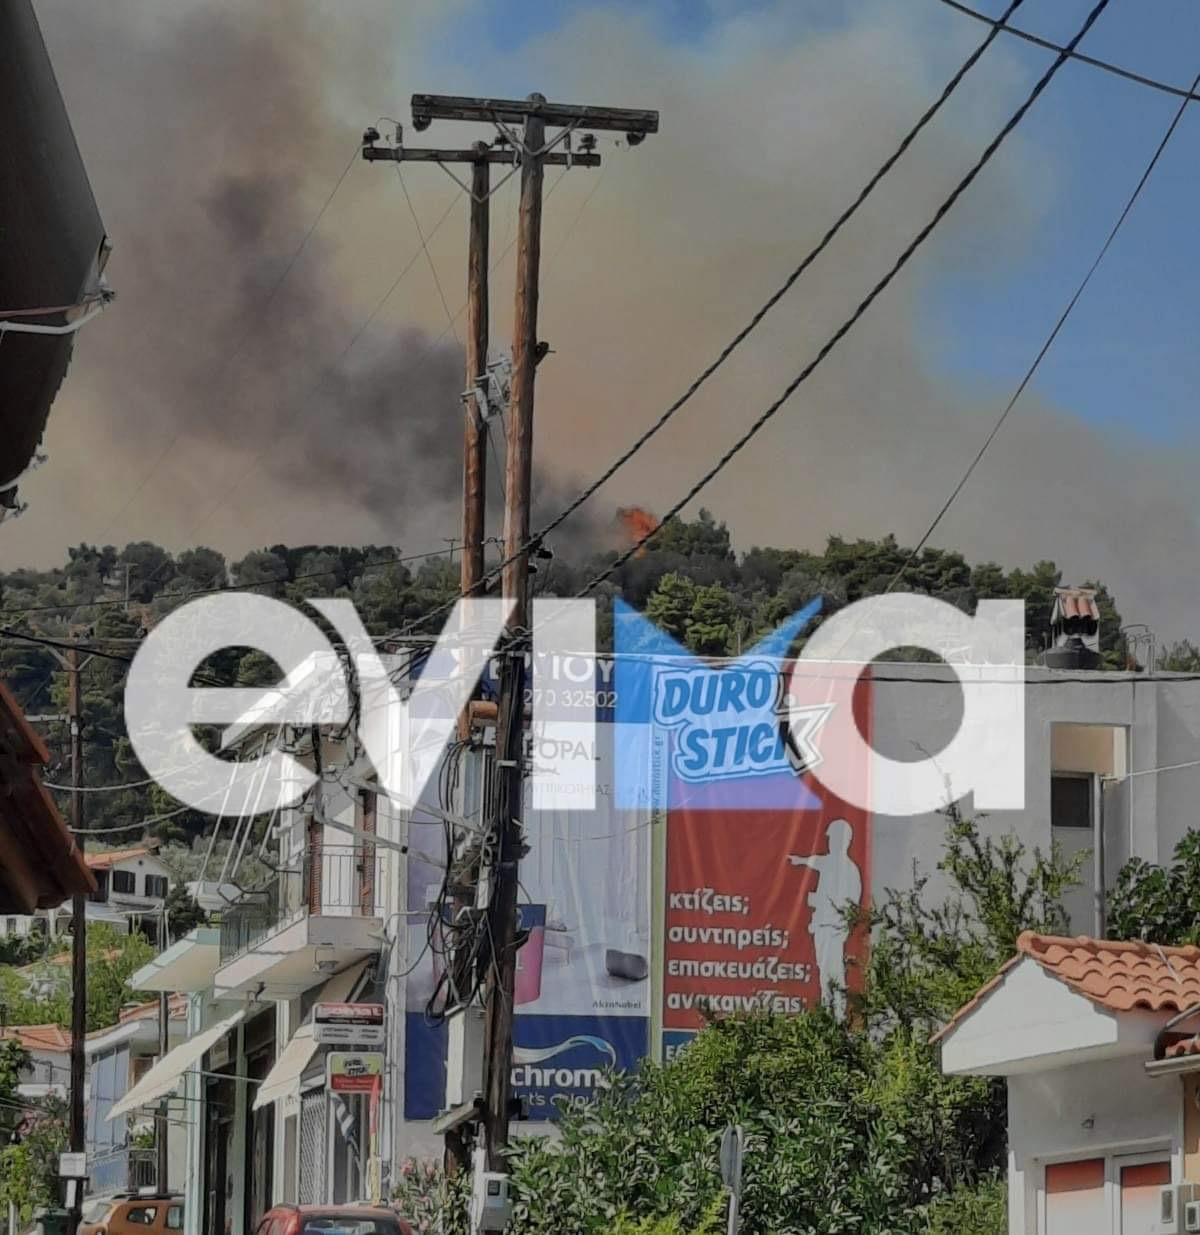 Υπό έλεγχο η φωτιά στην Εύβοια